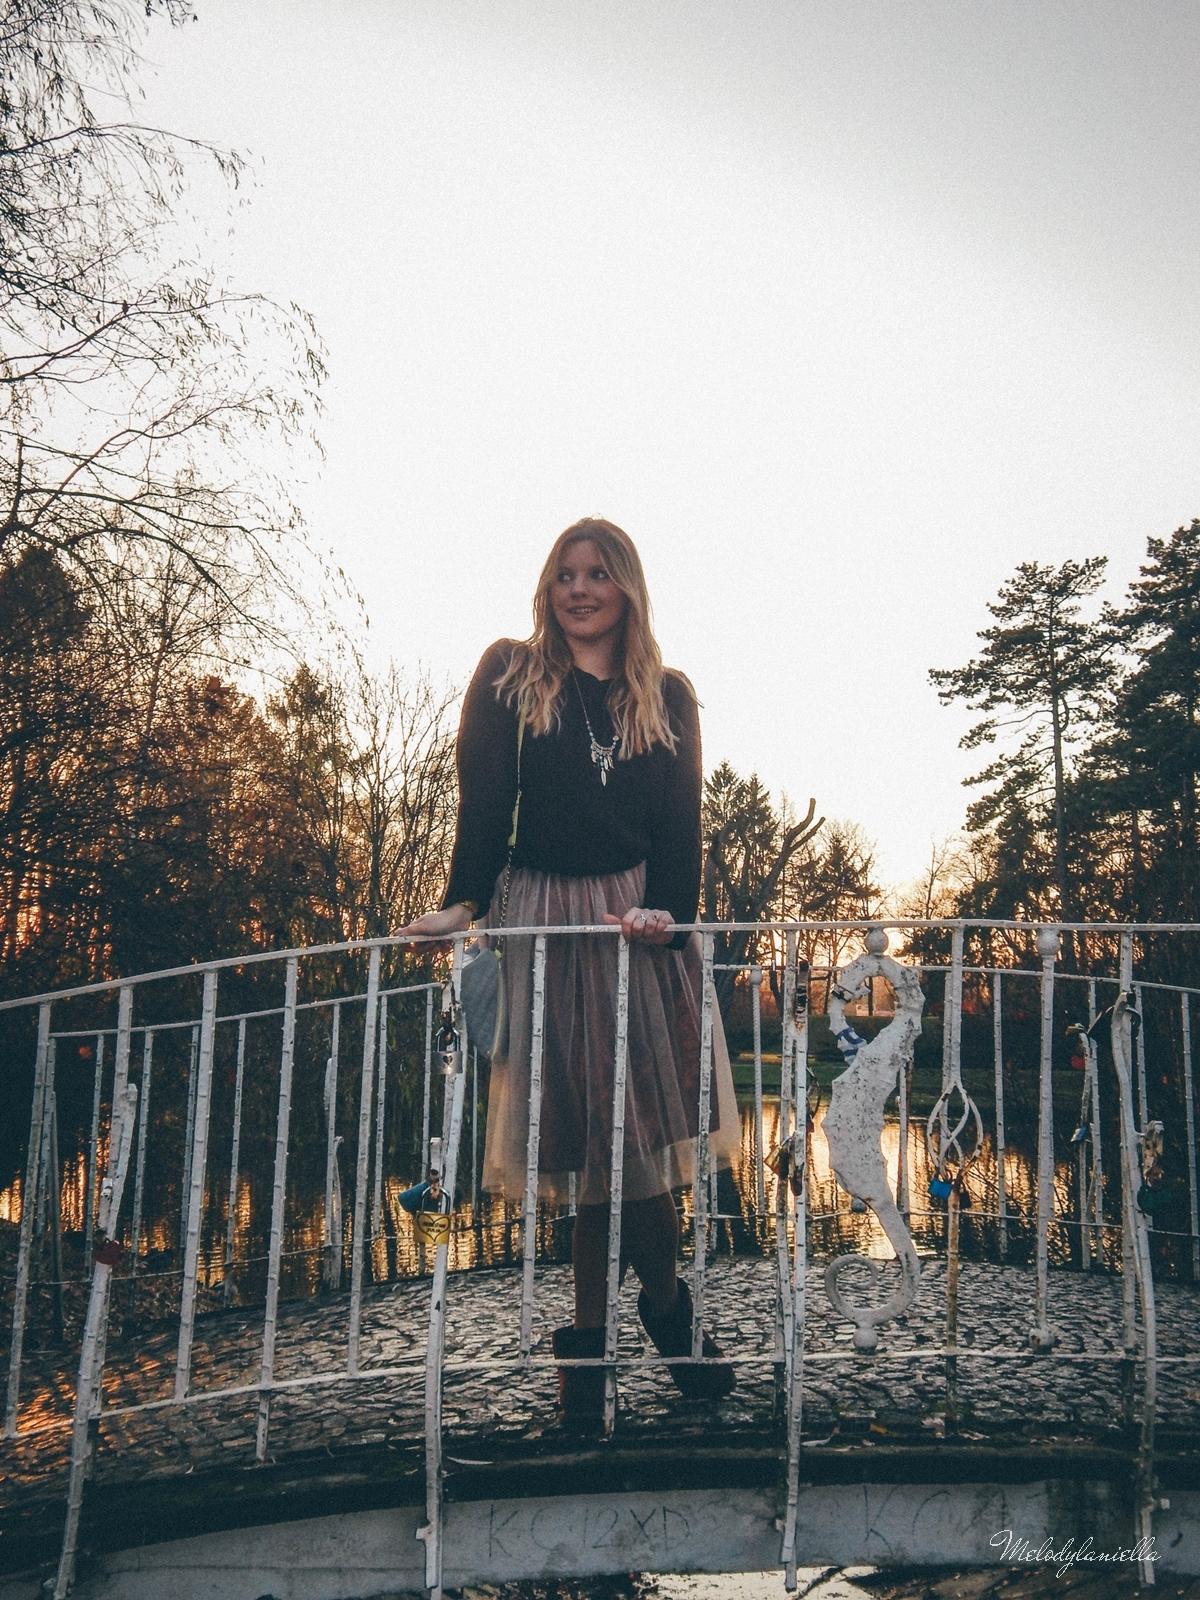 13. jesienna stylizacja tutu tiulowa spódnica dla dorosłych brązowy sweter torebka manzana melodylaniella autumn style fashion ciekawa stylizacja na jesień brązowa spódnica park love